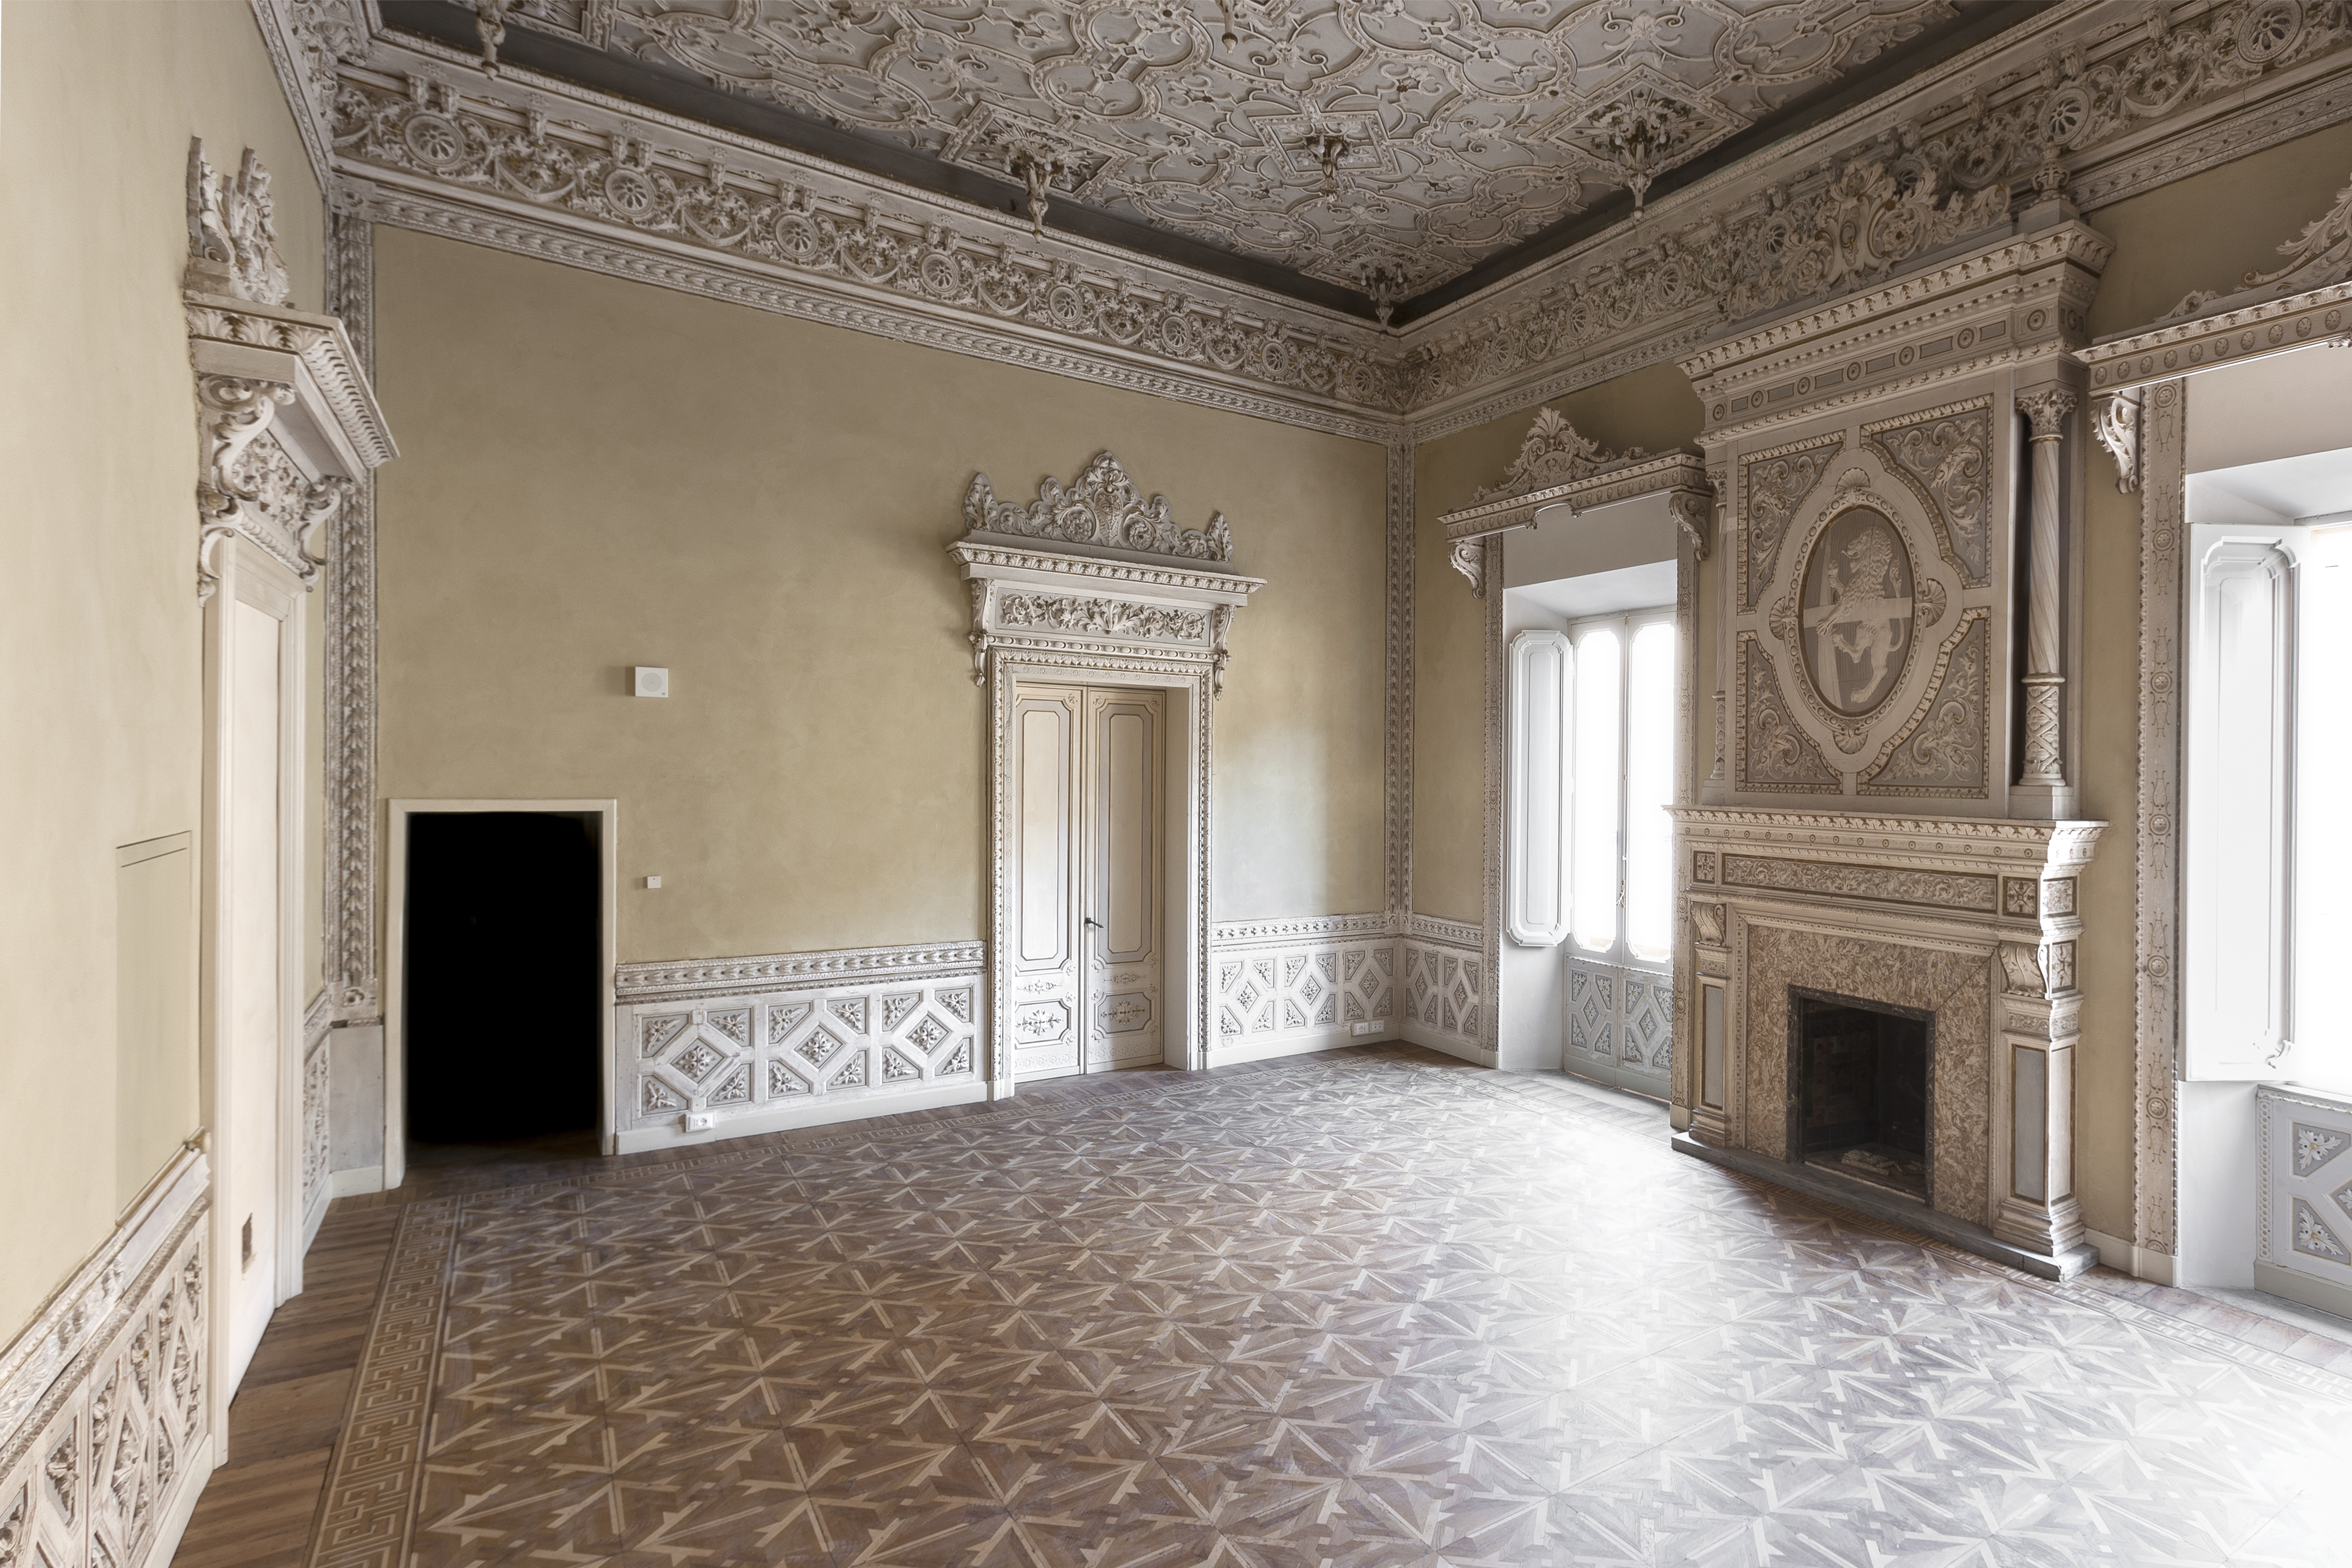 Thumbnail Palazzo Gulinelli / 0